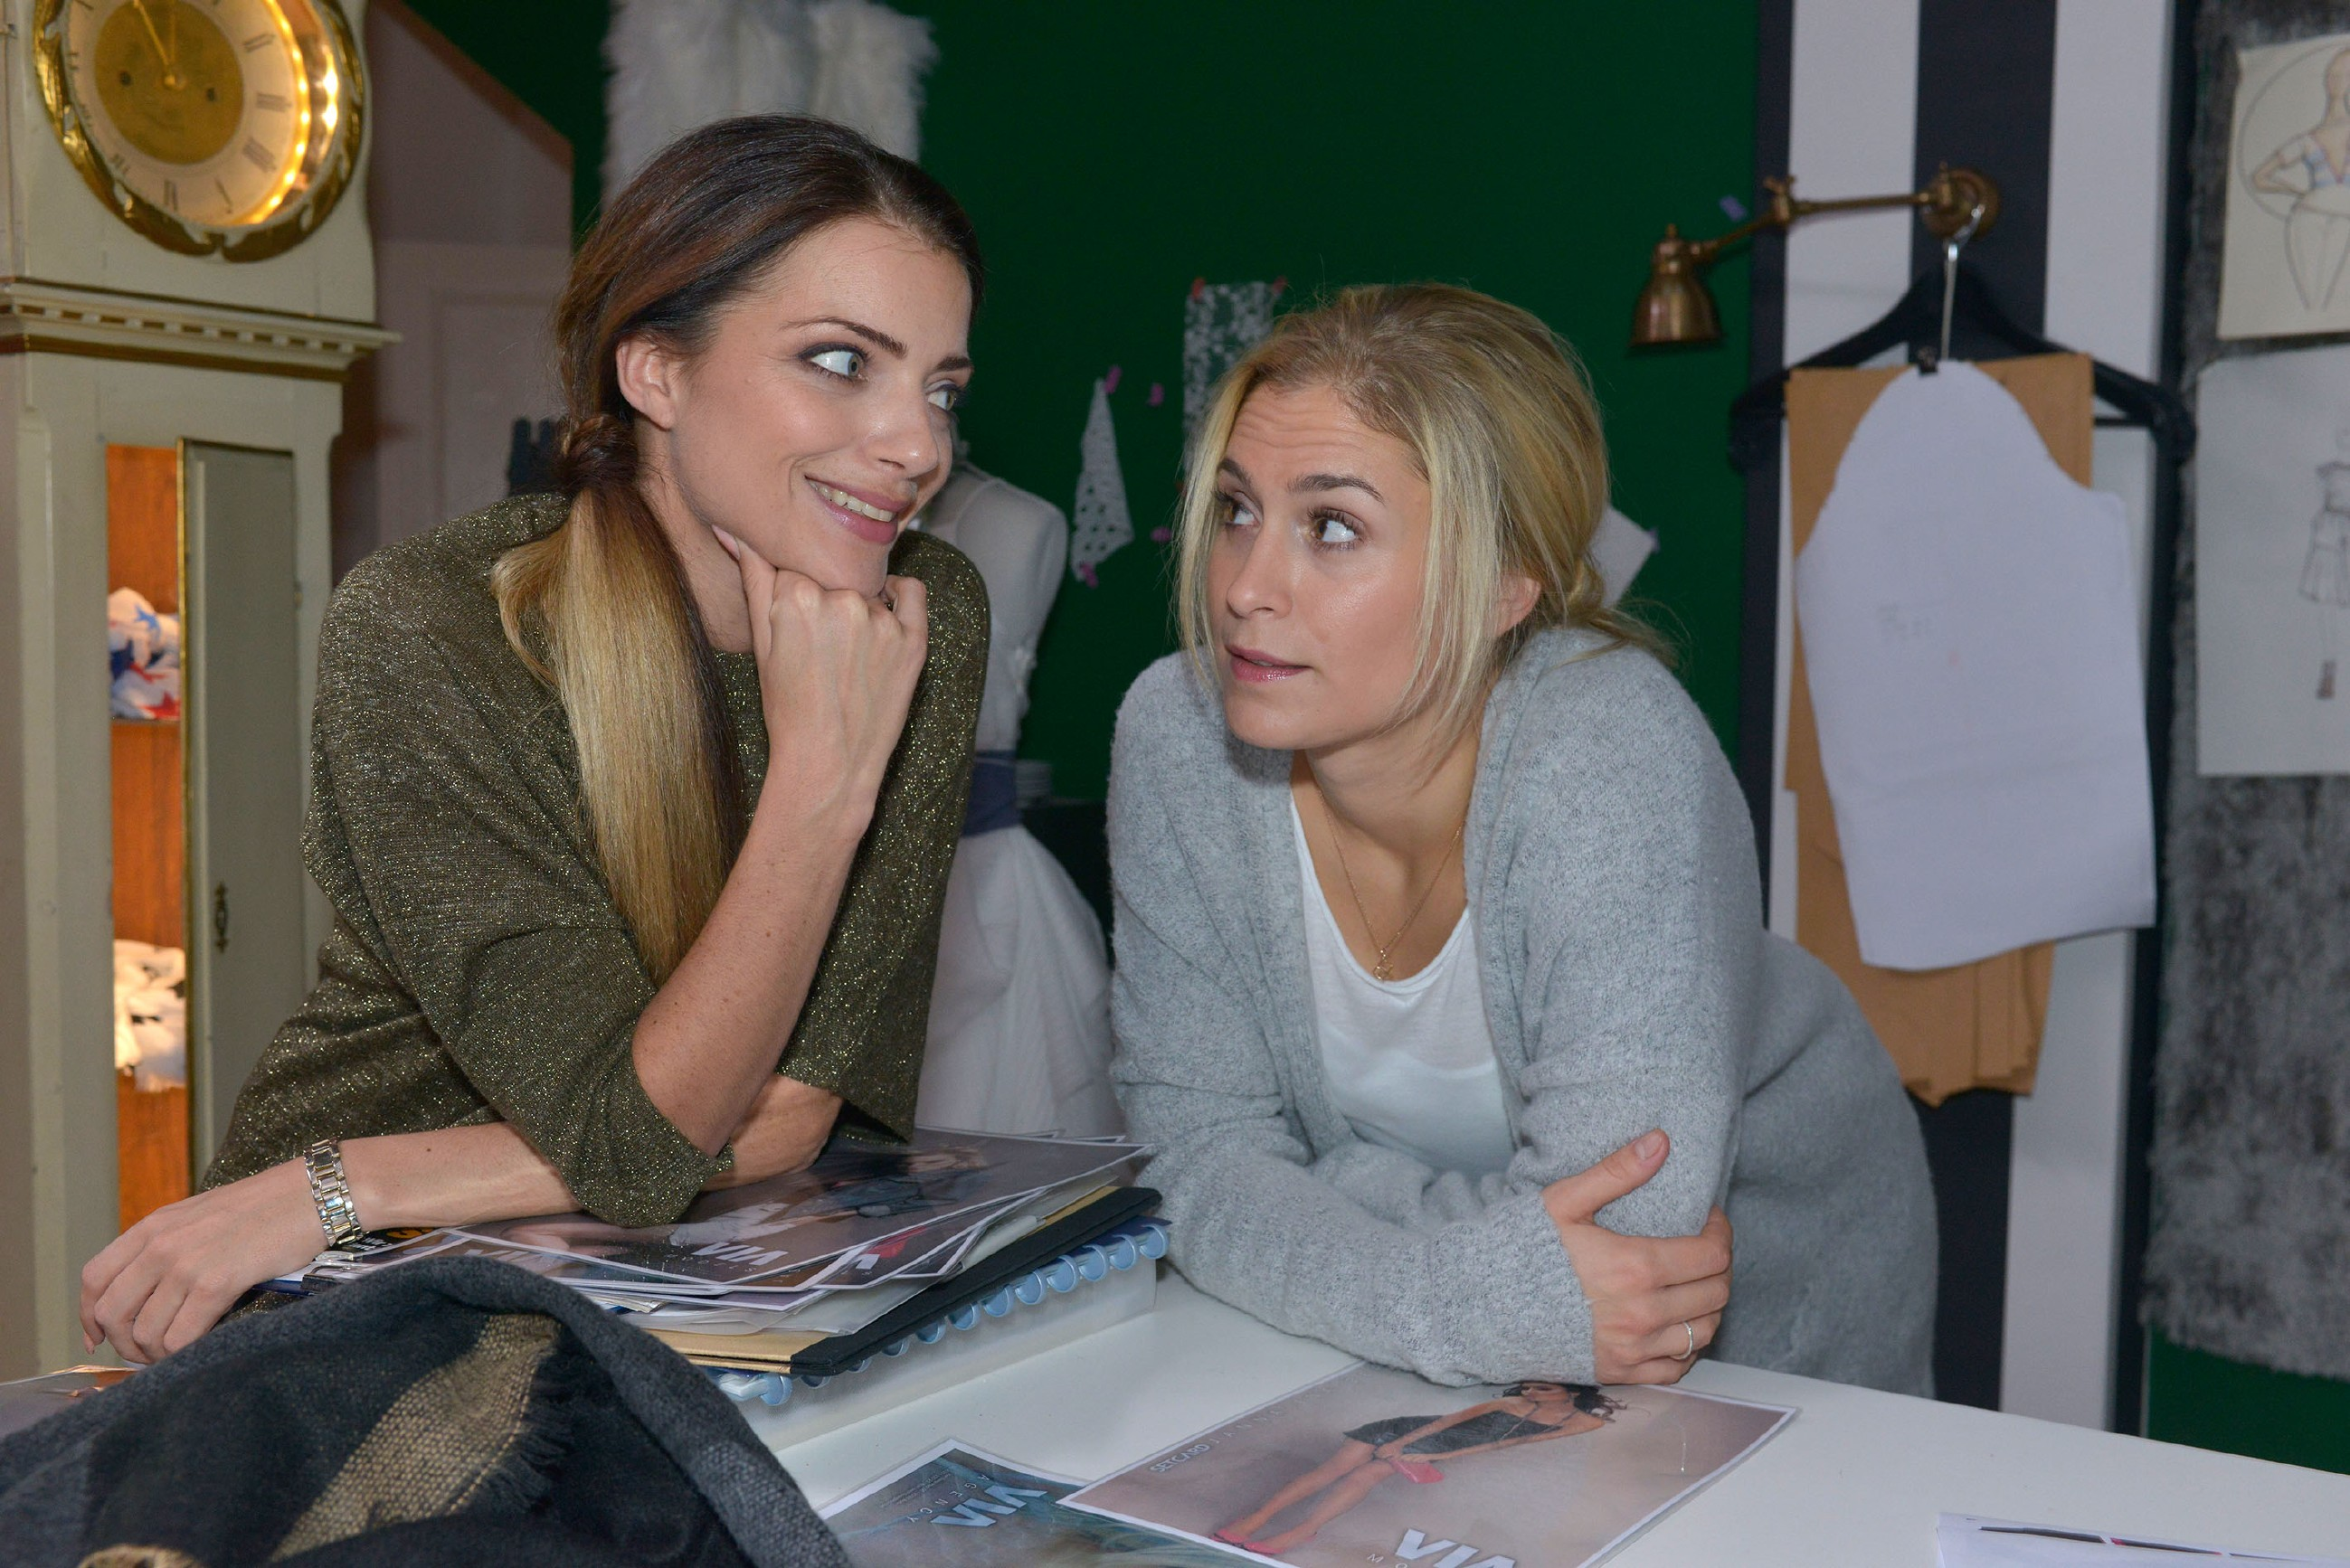 Emily (Anne Menden, l.) und Sophie (Lea Marlen Woitack) überlegen, wen sie als Model für Tussi Attack buchen könnten. (Quelle: RTL / Rolf Baumgartner)